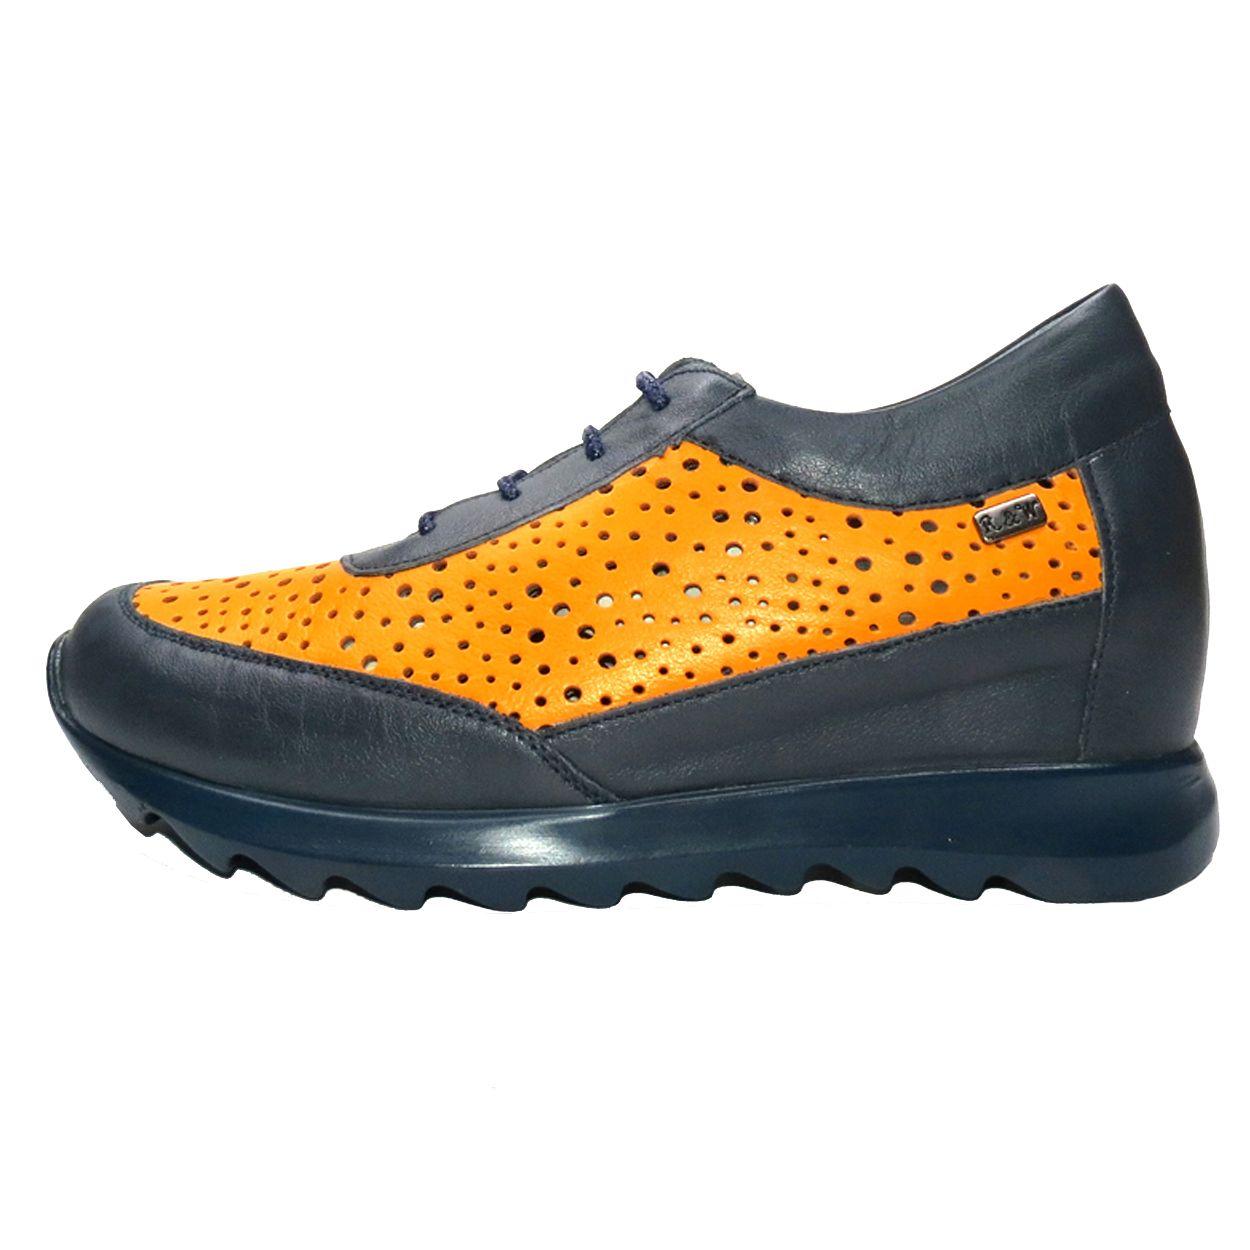 کفش روزمره زنانه آر اند دبلیو مدل 642 رنگ سرمه ای -  - 2